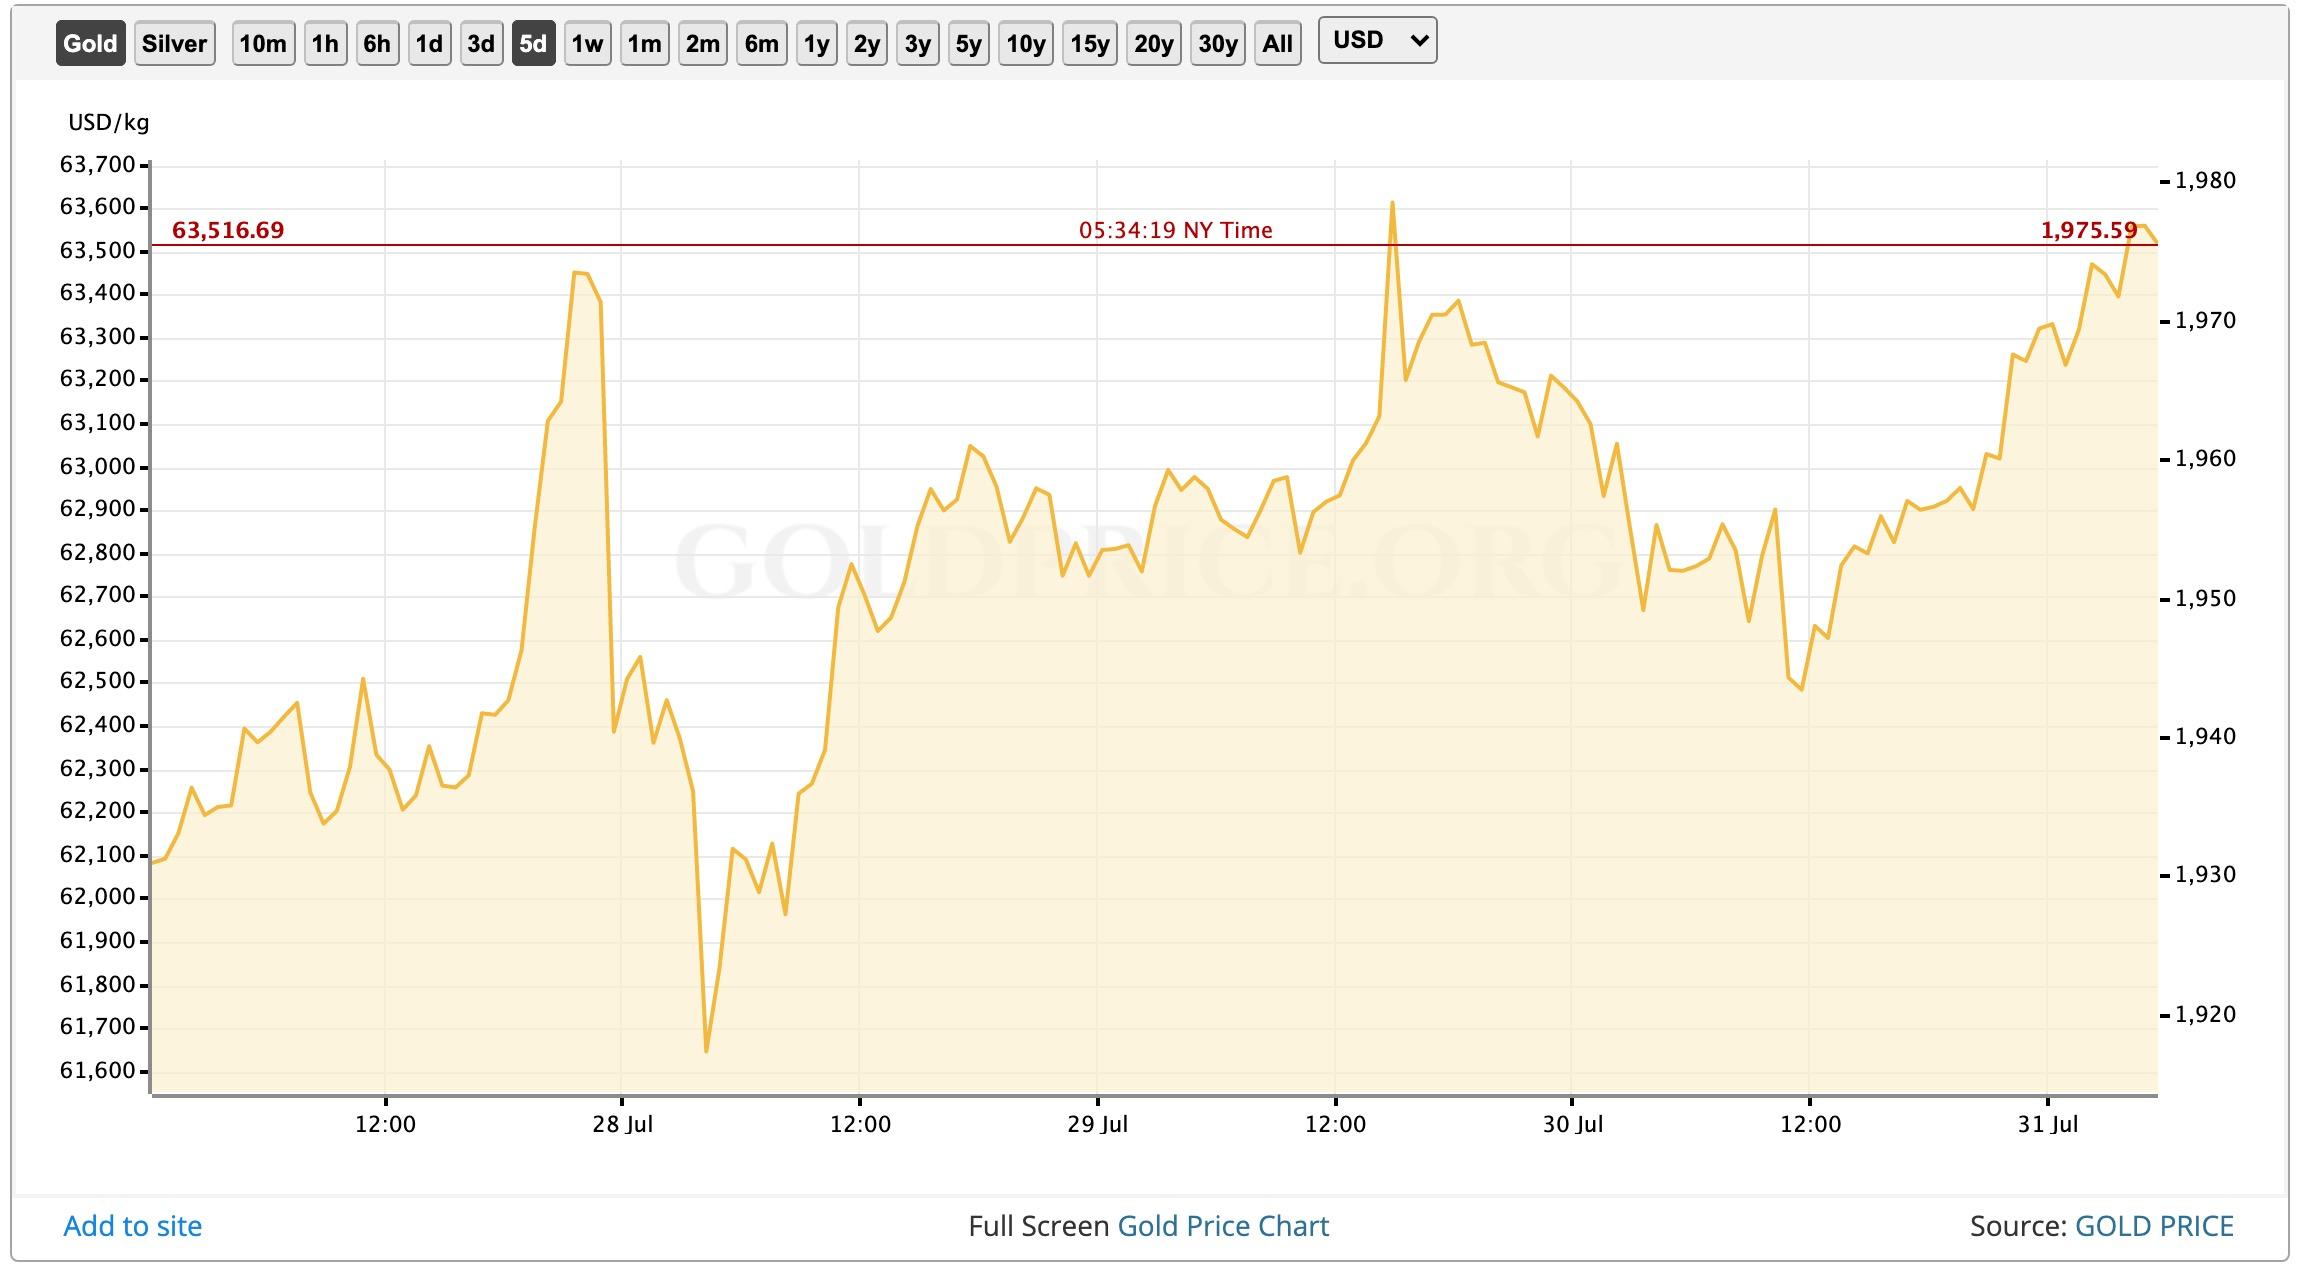 Биткоин и золото уверенно продолжают расти в цене на фоне слабеющих ведущих фиатных инструментов - доллара и евро.